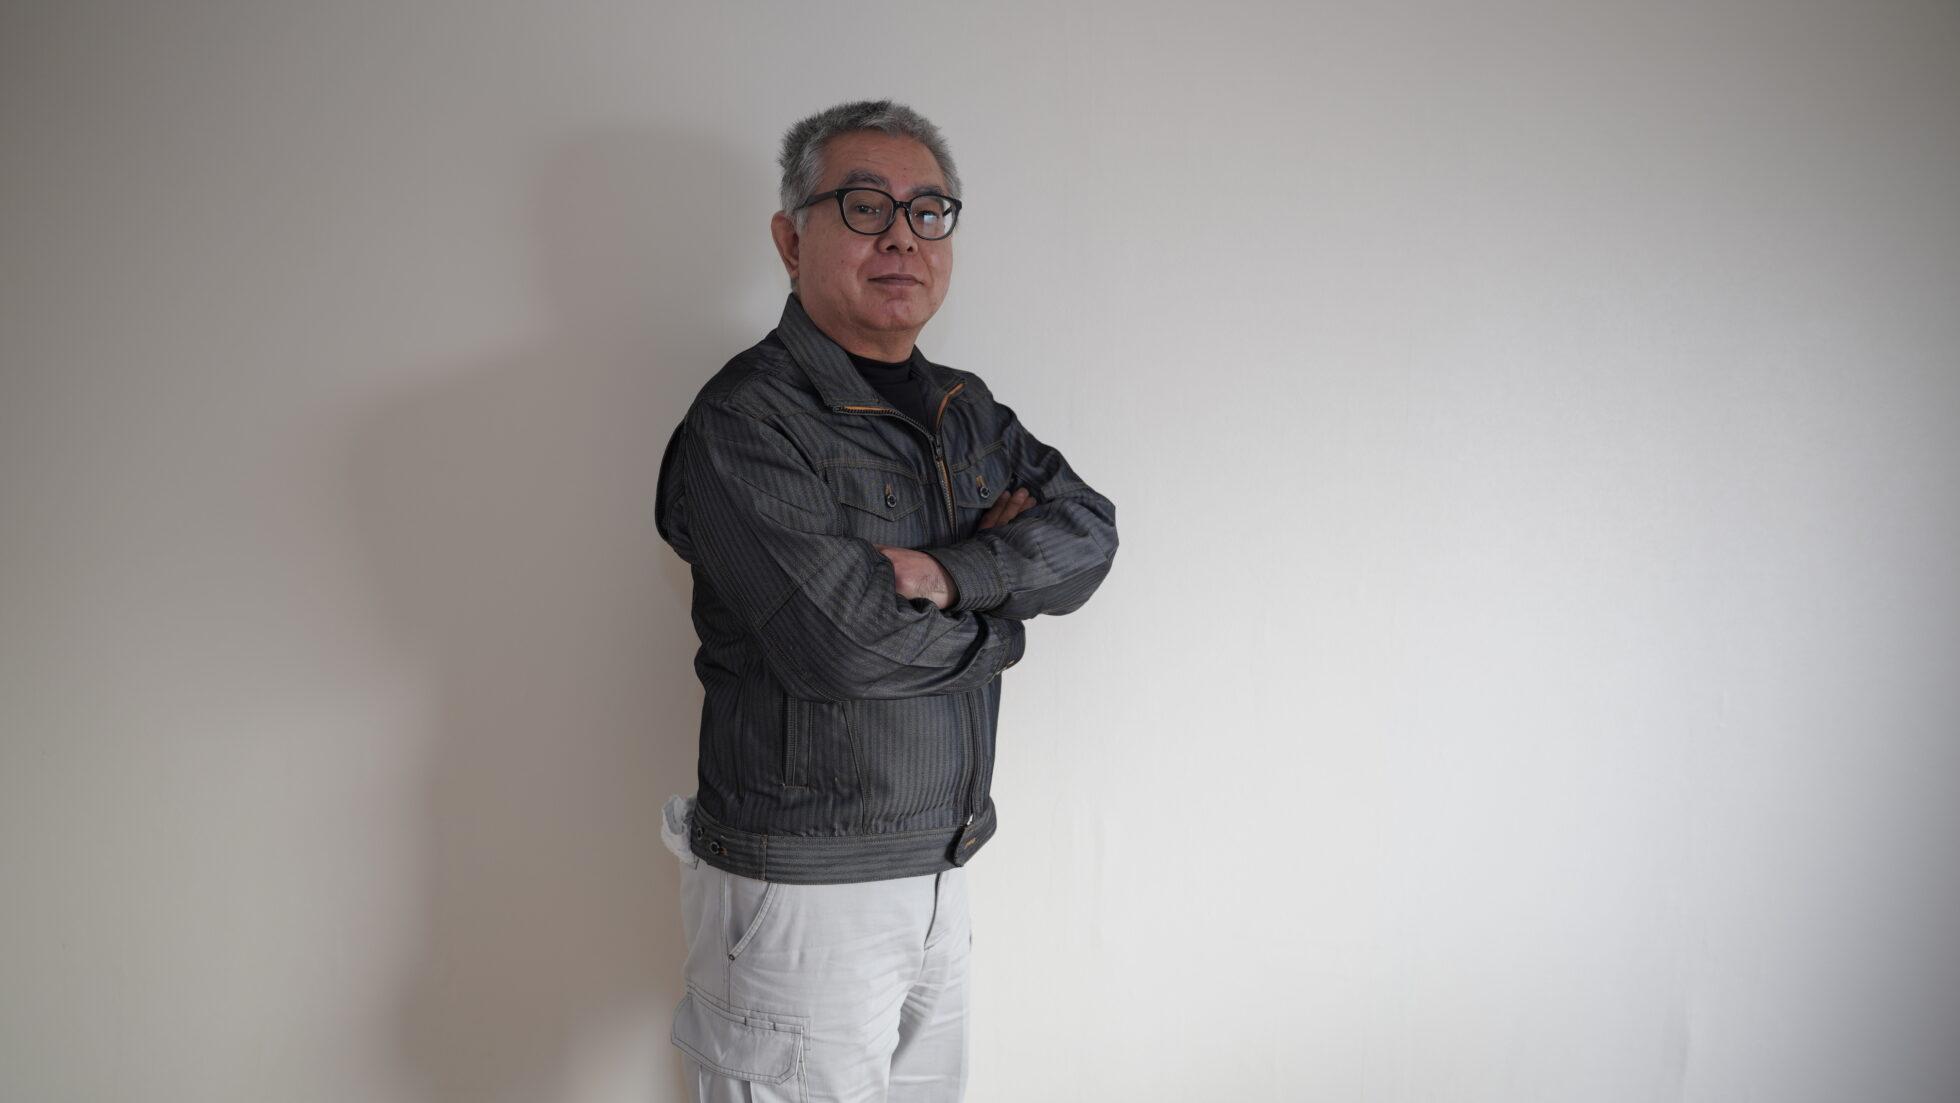 「崎山 哲雄(さきやま てつお)」の顔写真